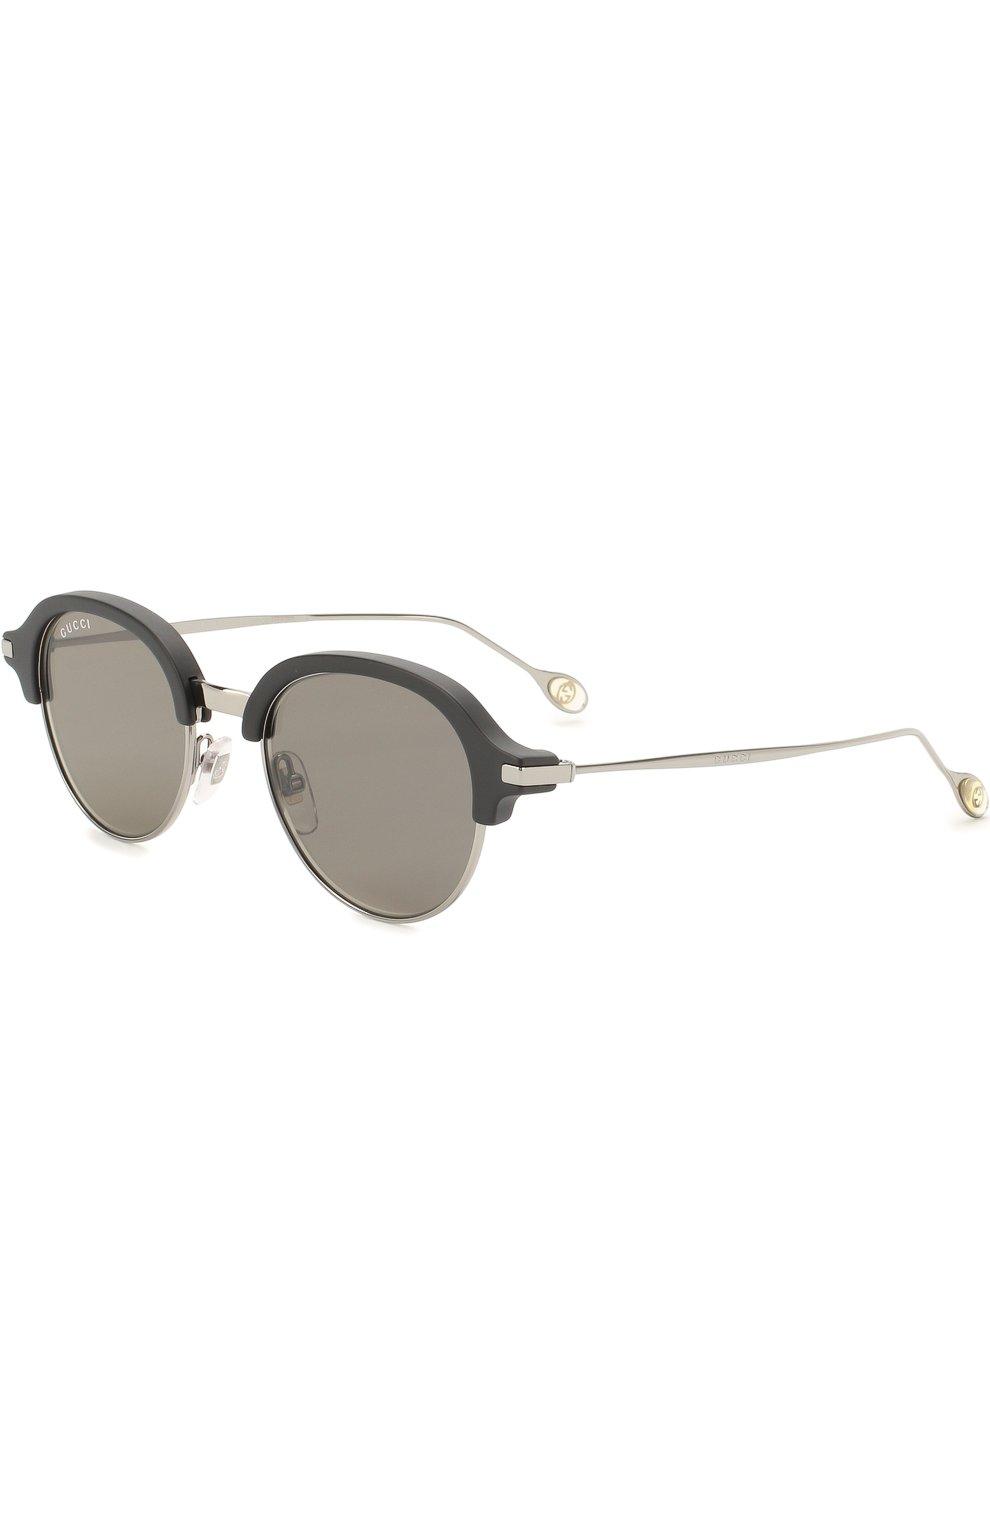 Женские солнцезащитные очки GUCCI серебряного цвета, арт. 2259 284 VX | Фото 1